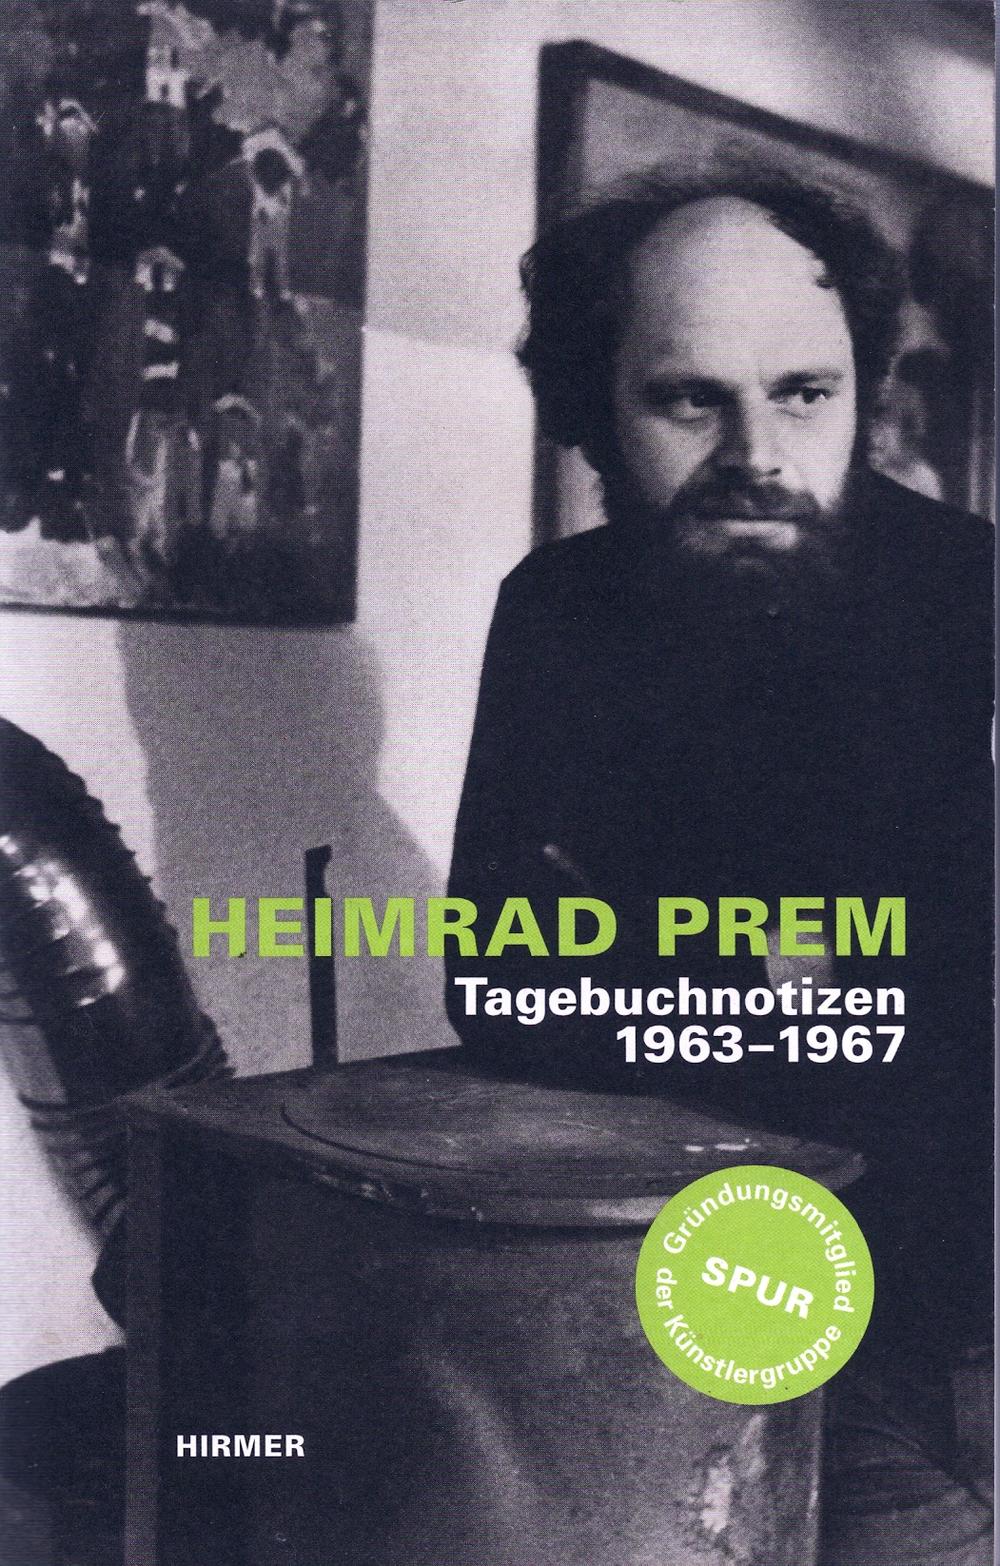 Heimrad Prem,Tagebuchnotizen, 2013